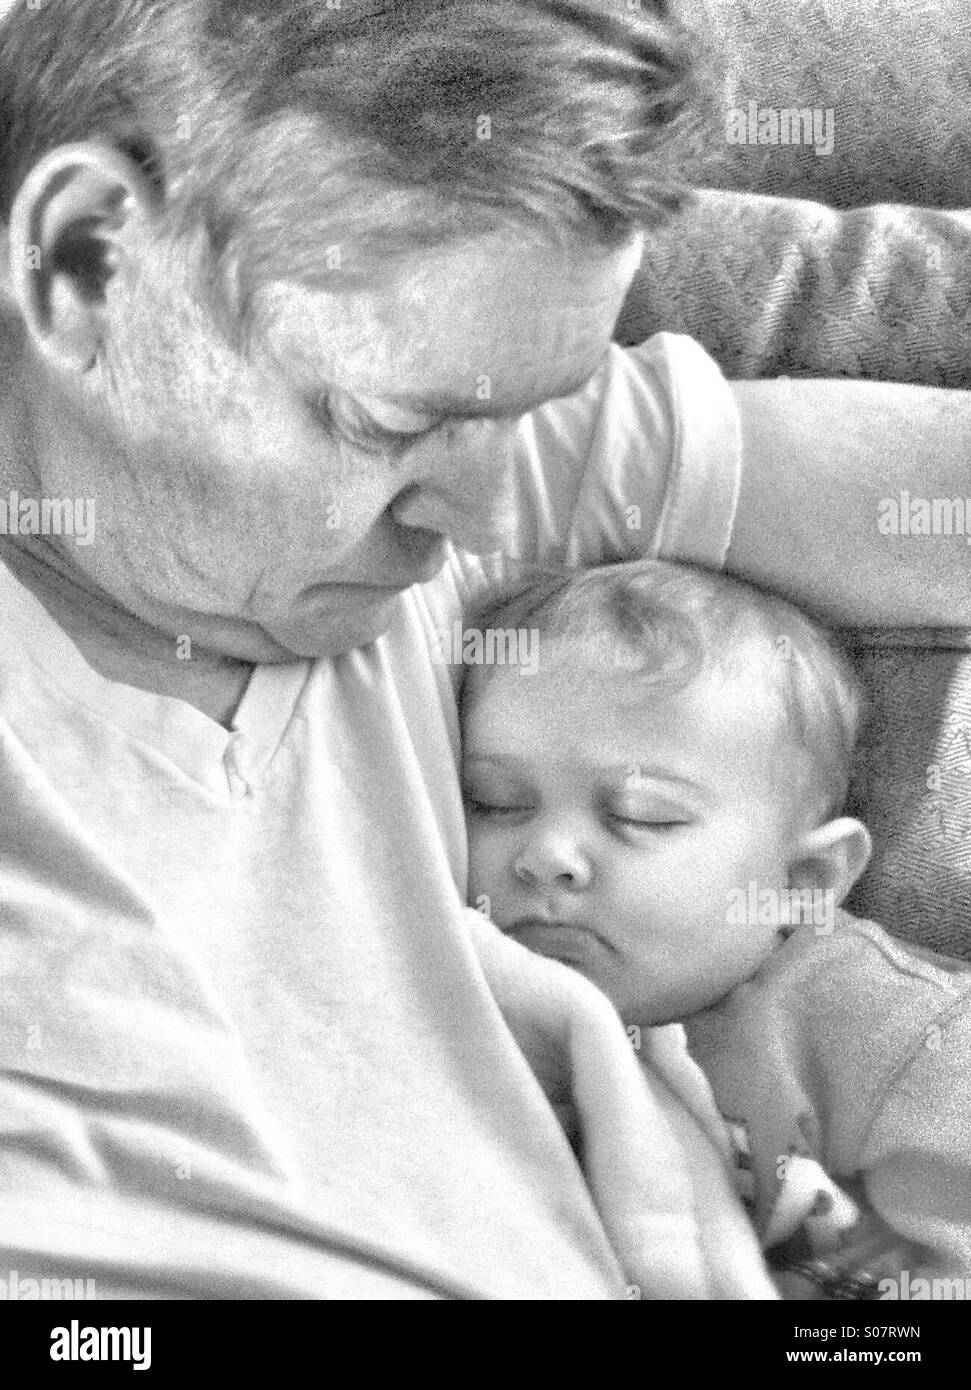 Dulce suave imagen de abuelo & Baby Boy en blanco y negro Imagen De Stock